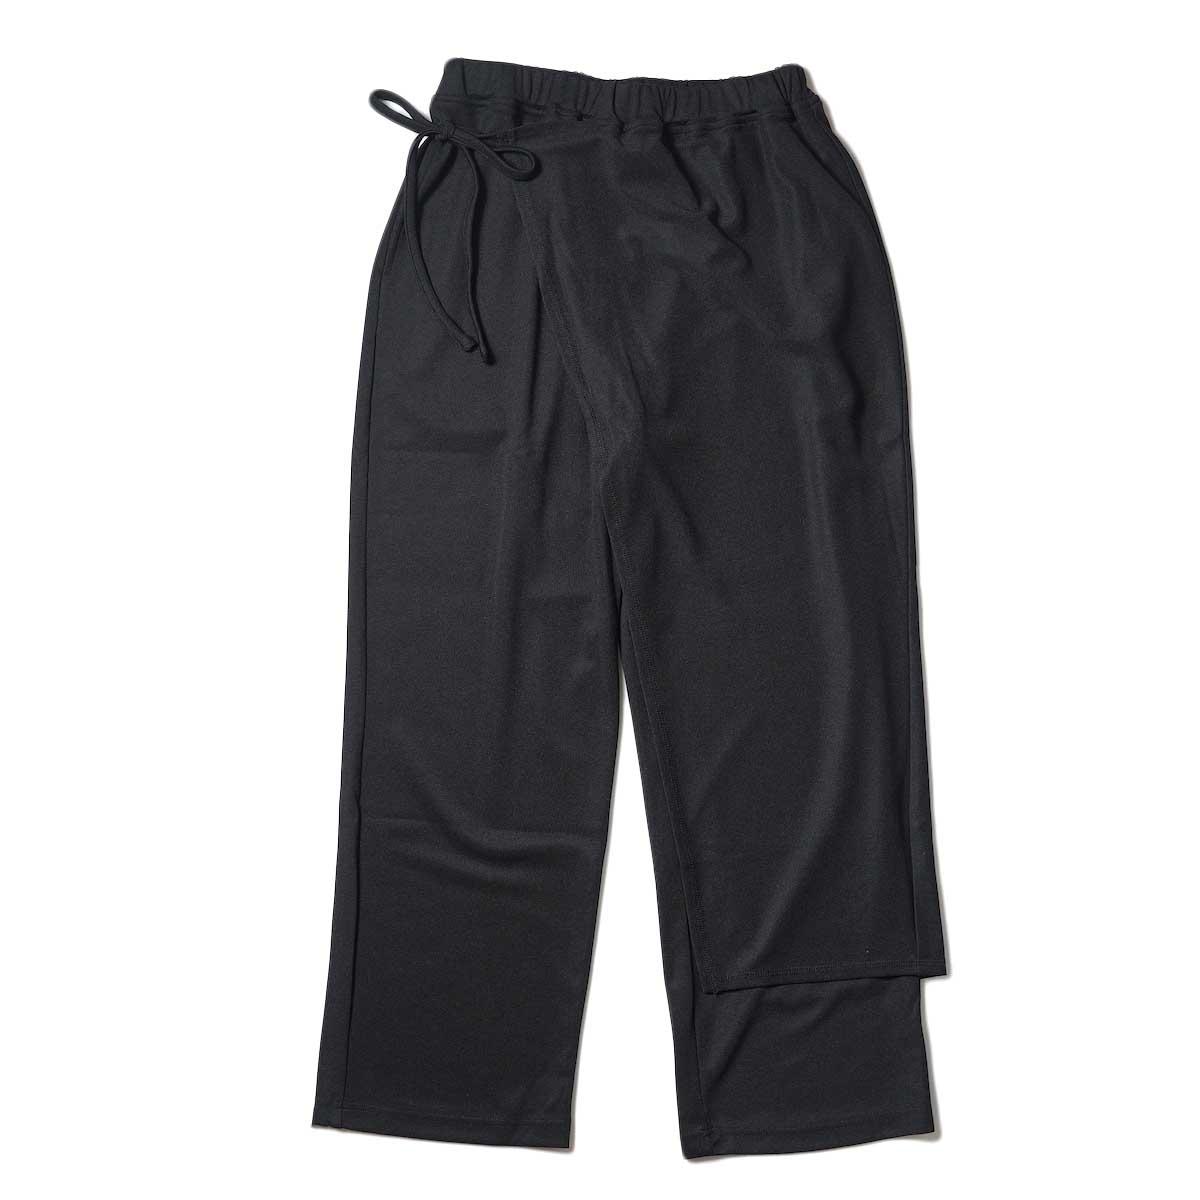 KHA:KI / SIDE WRAP PANTS (Black)